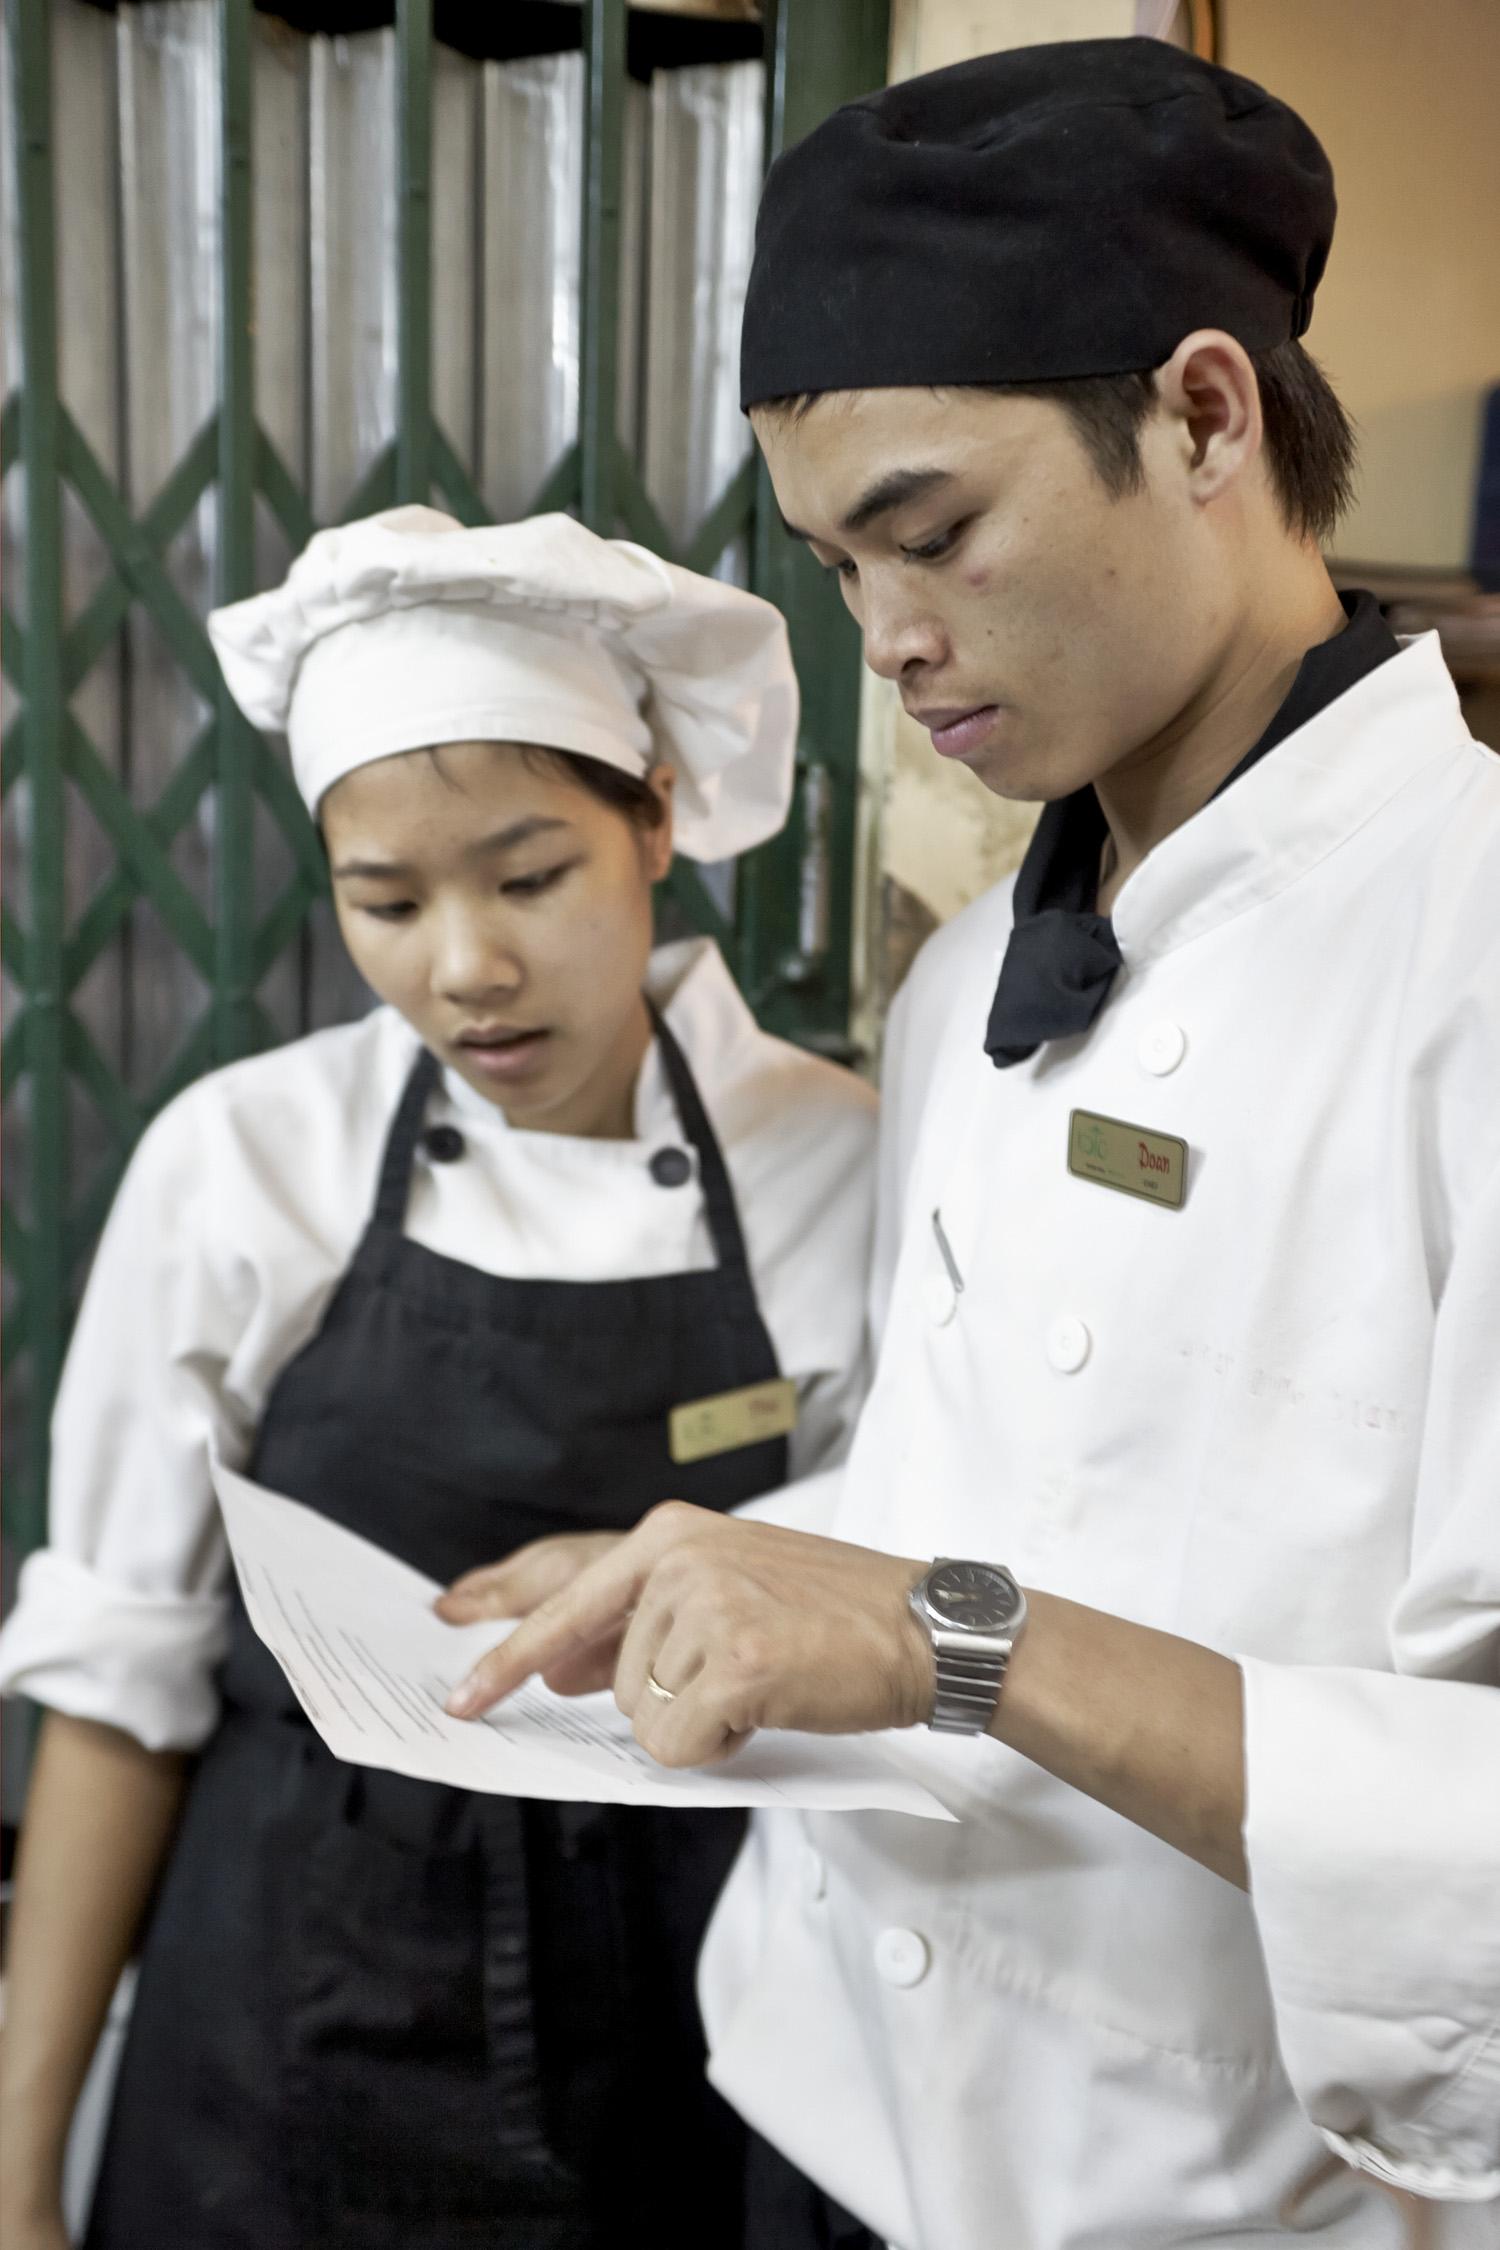 Koto Kitchen 14.5.08-000554